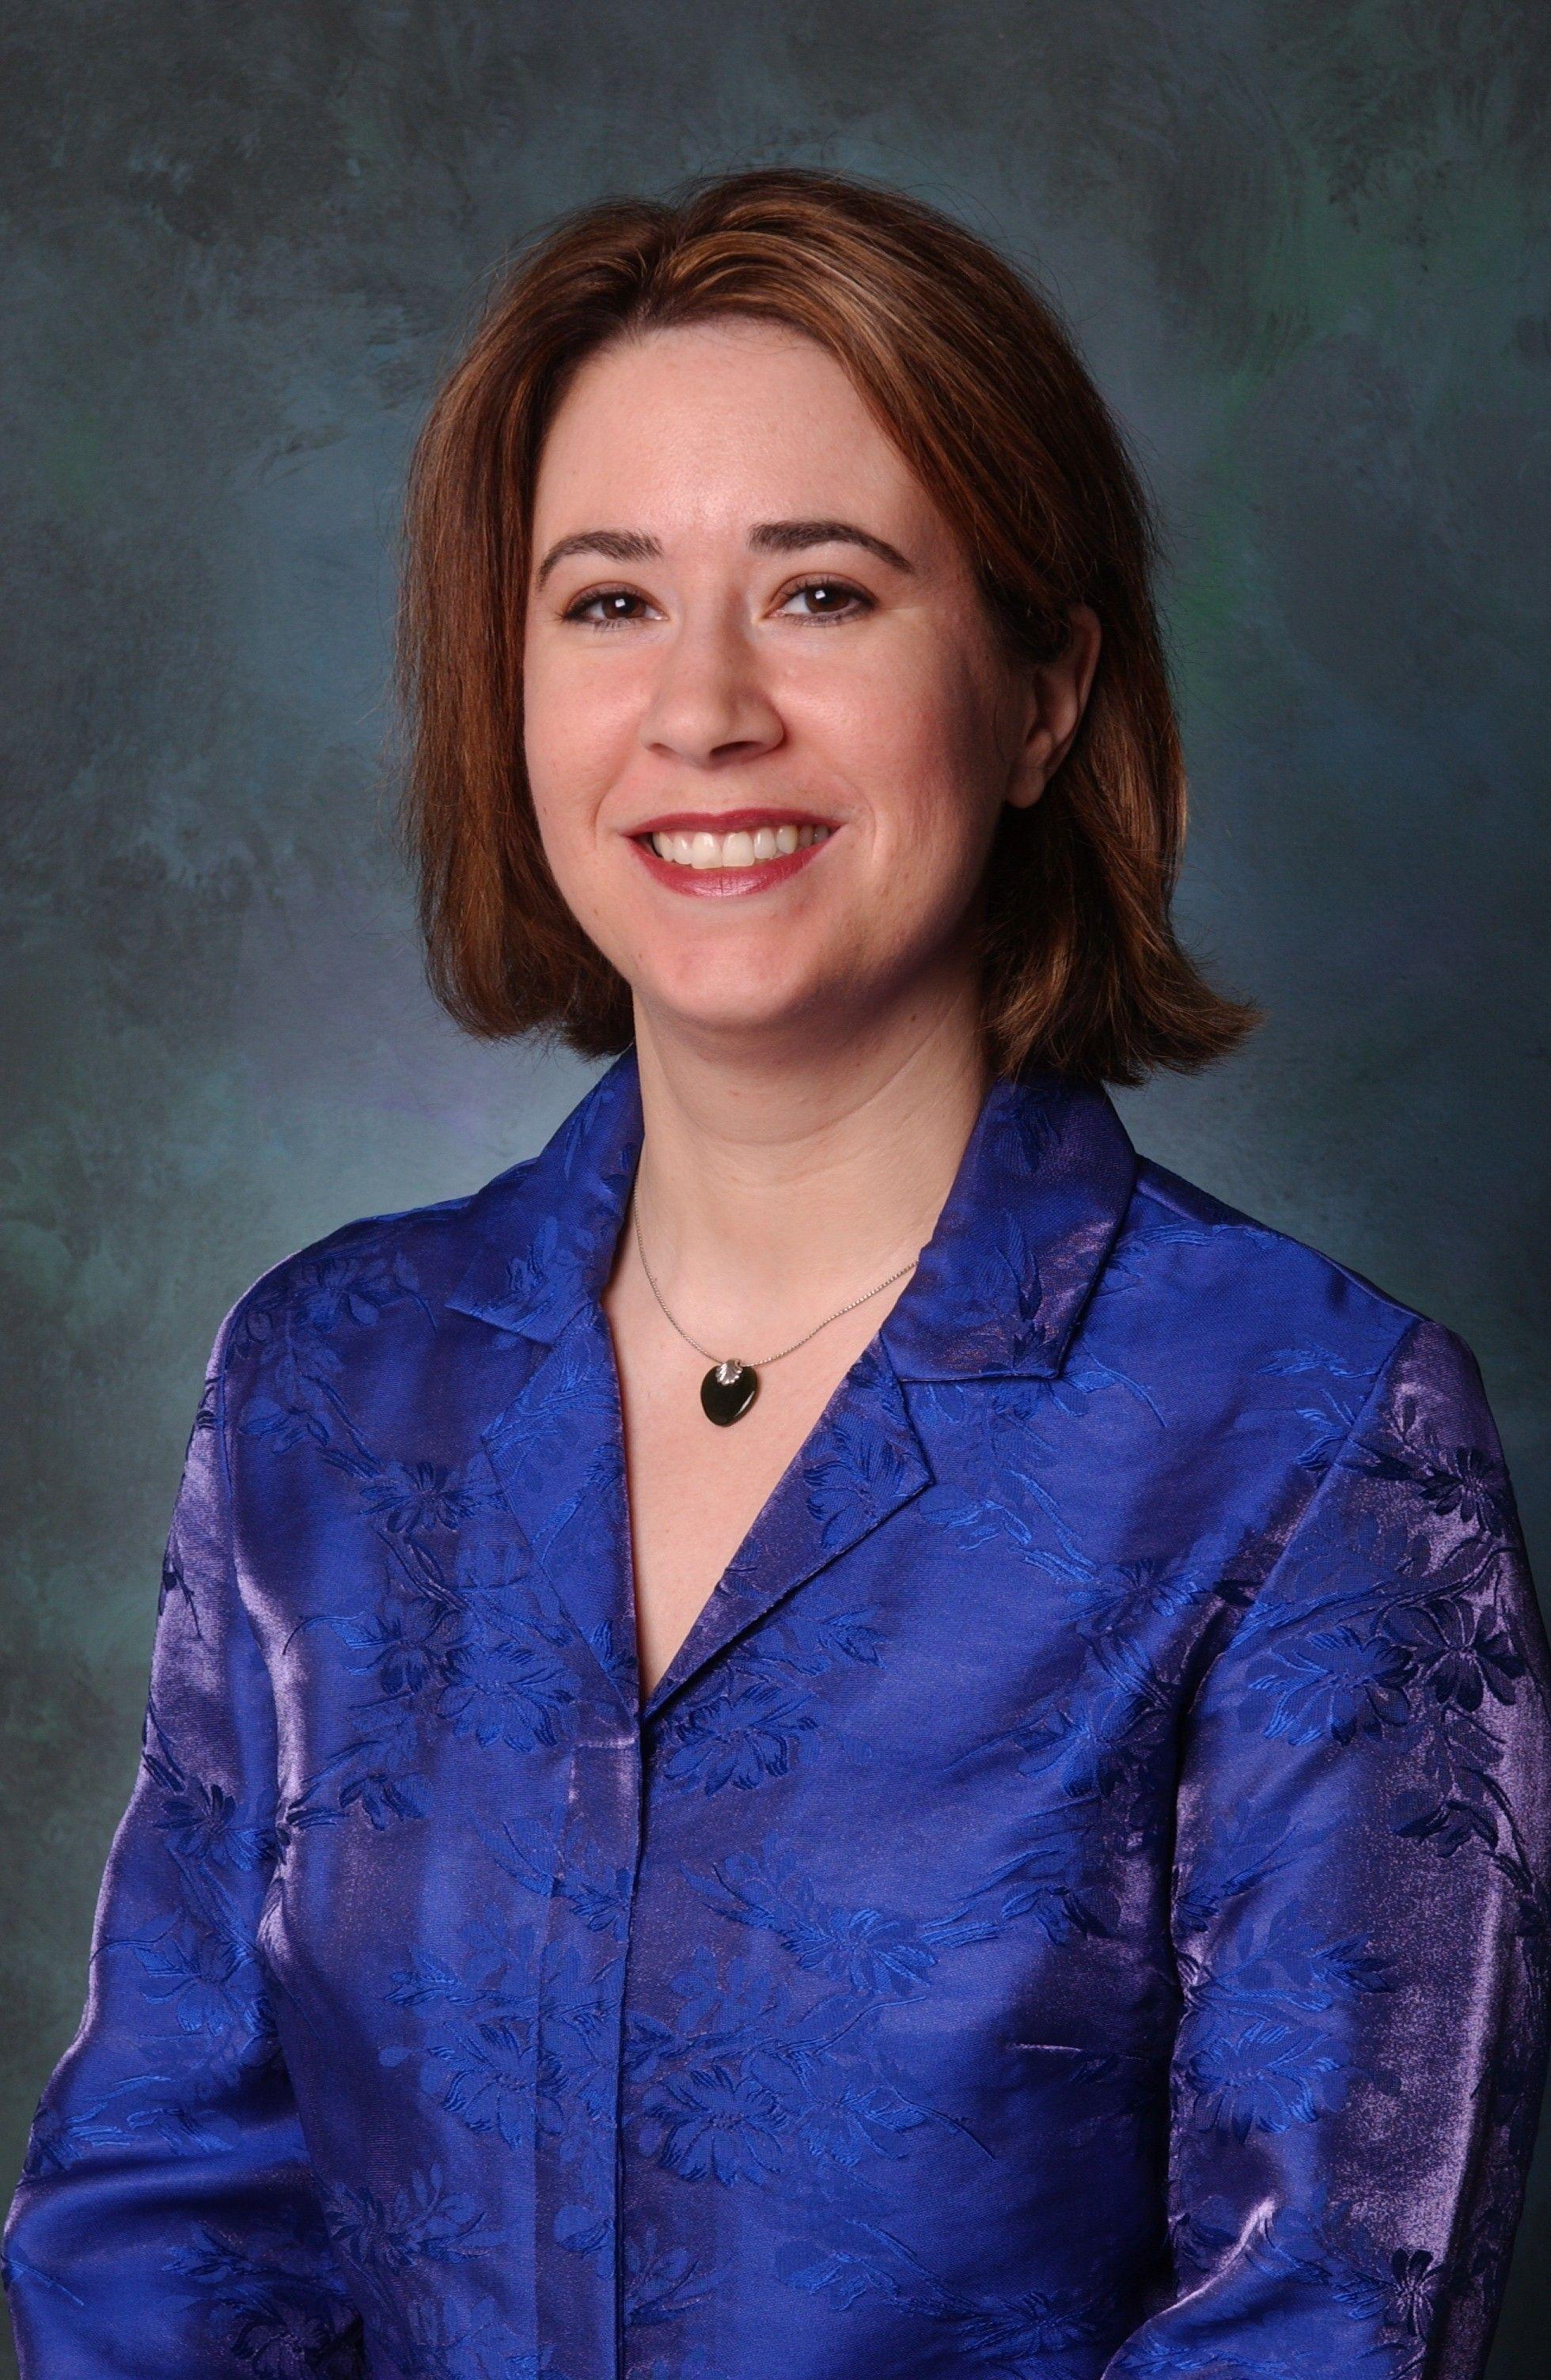 Kristen Kulinowski Women In Leadership Women Kristen